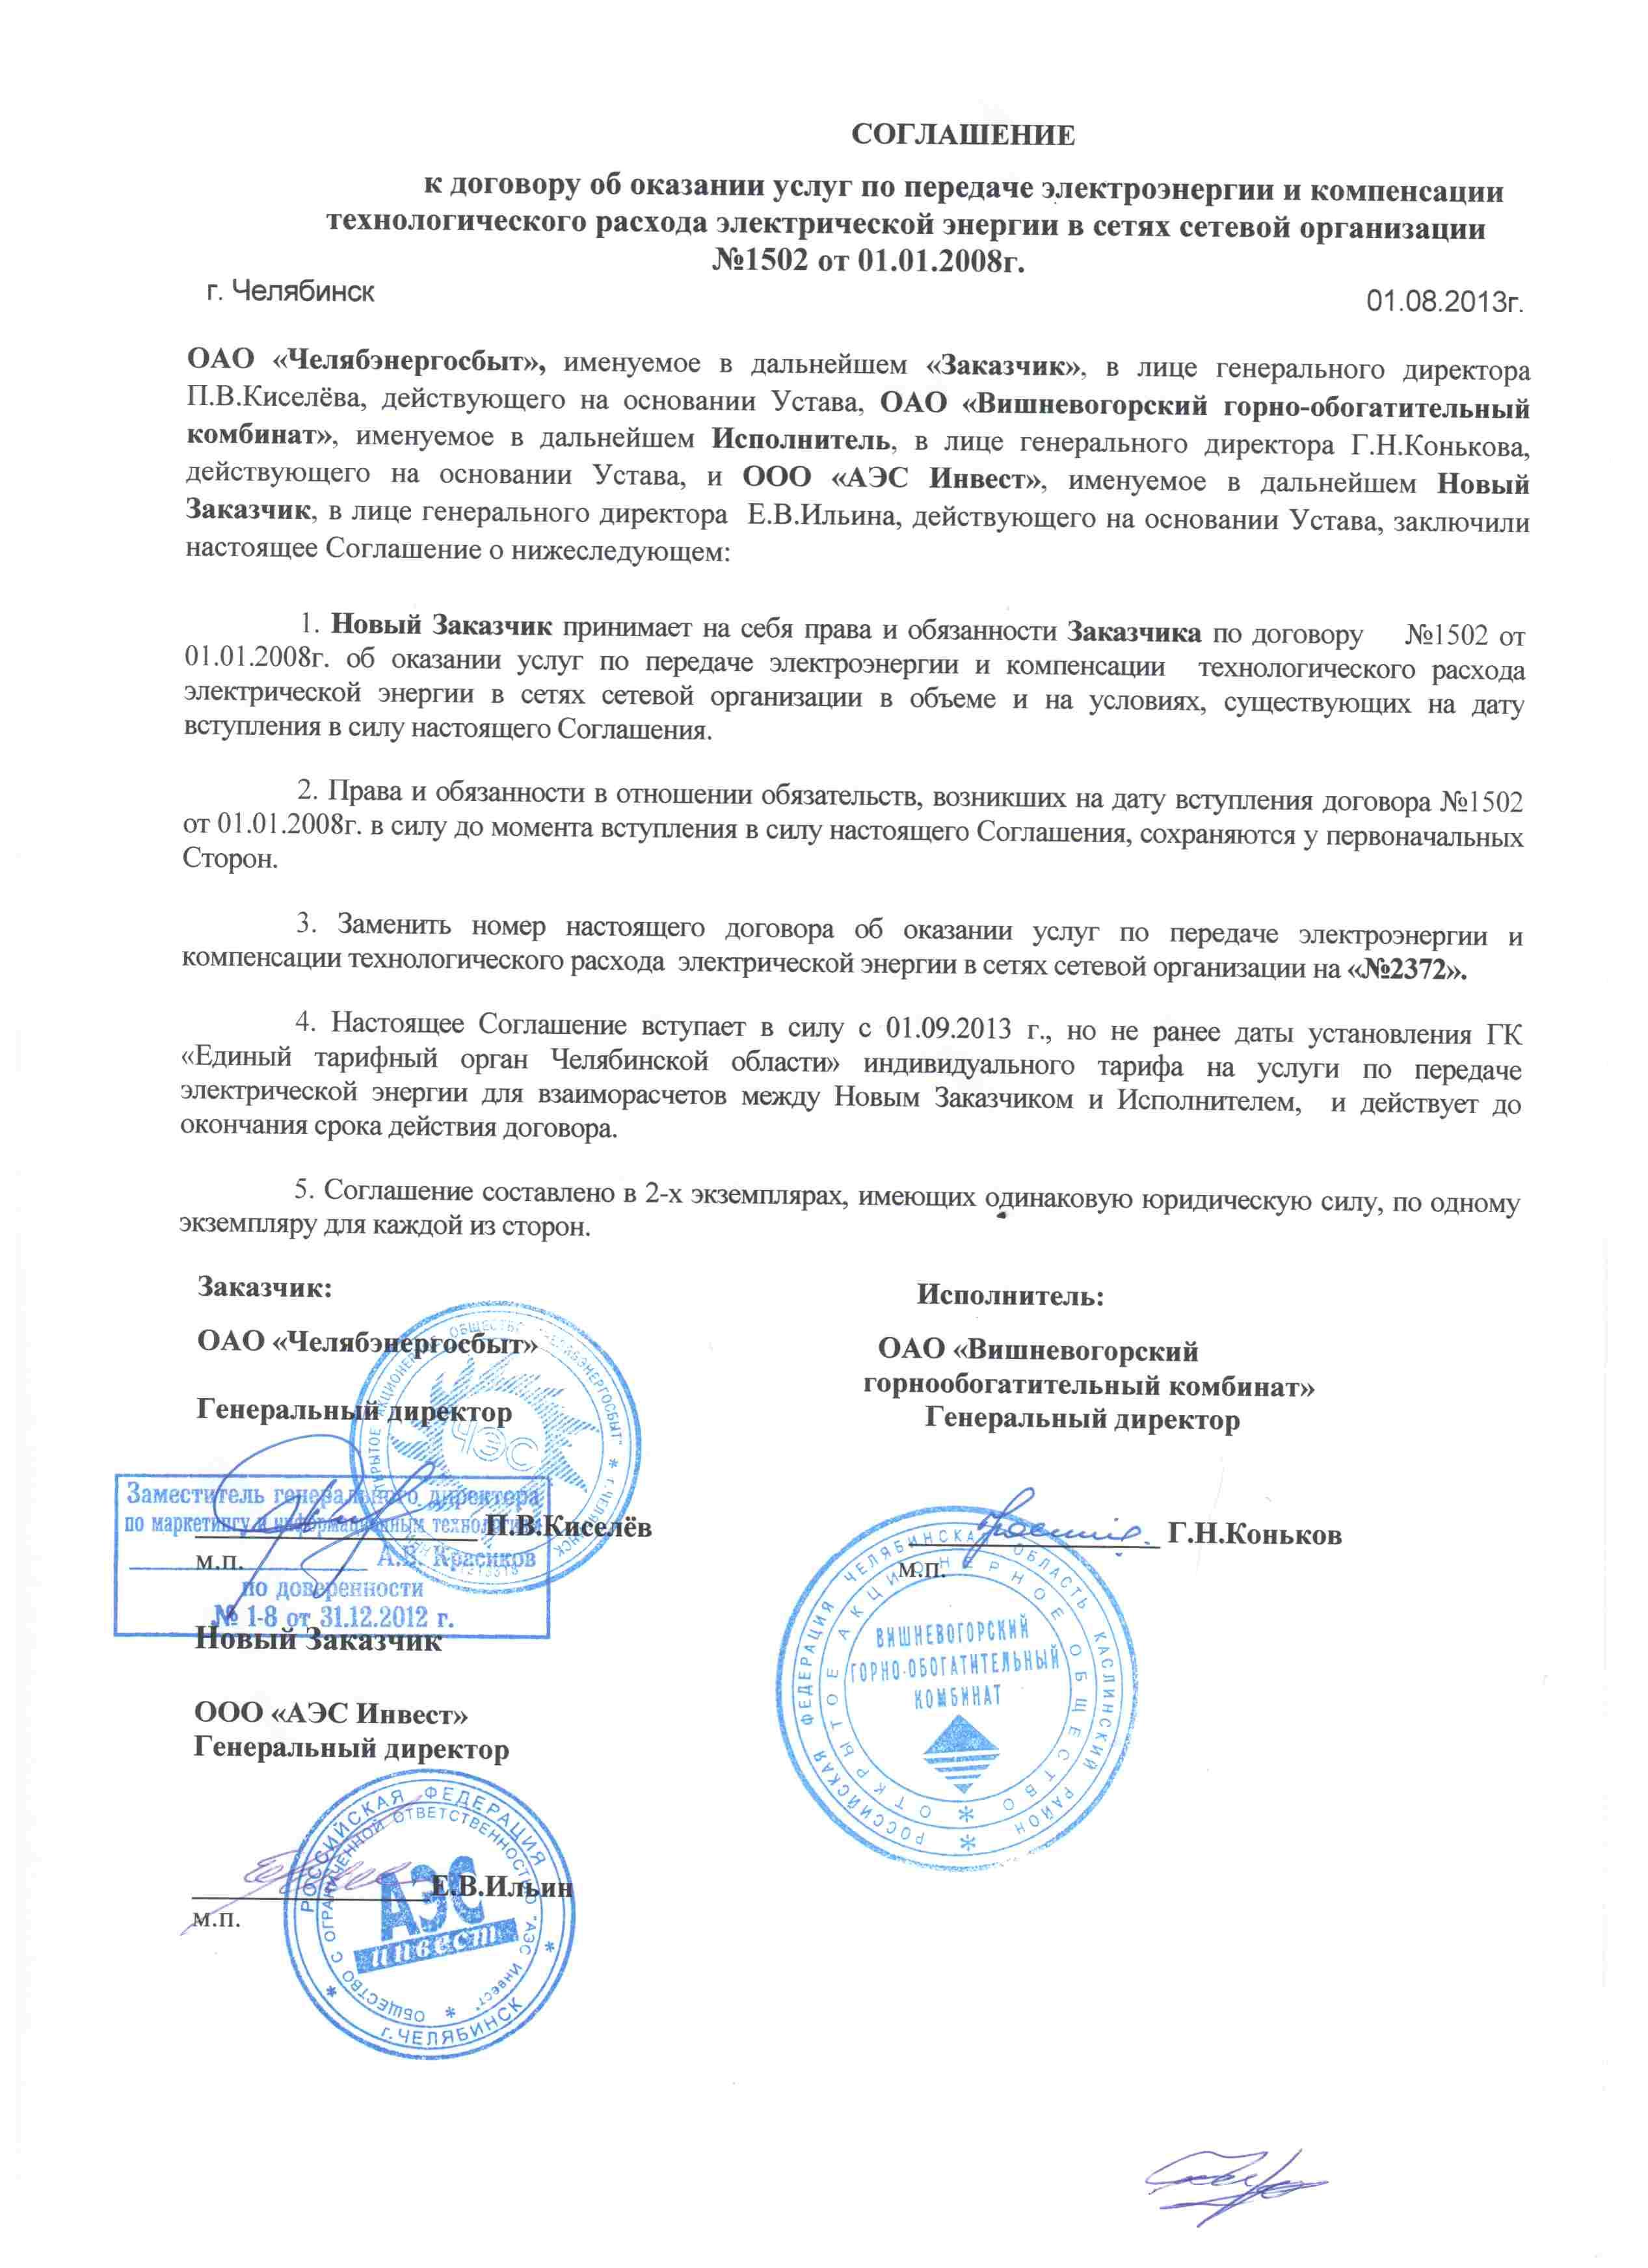 Письмо о передаче прав по договору оказания услуг мысль